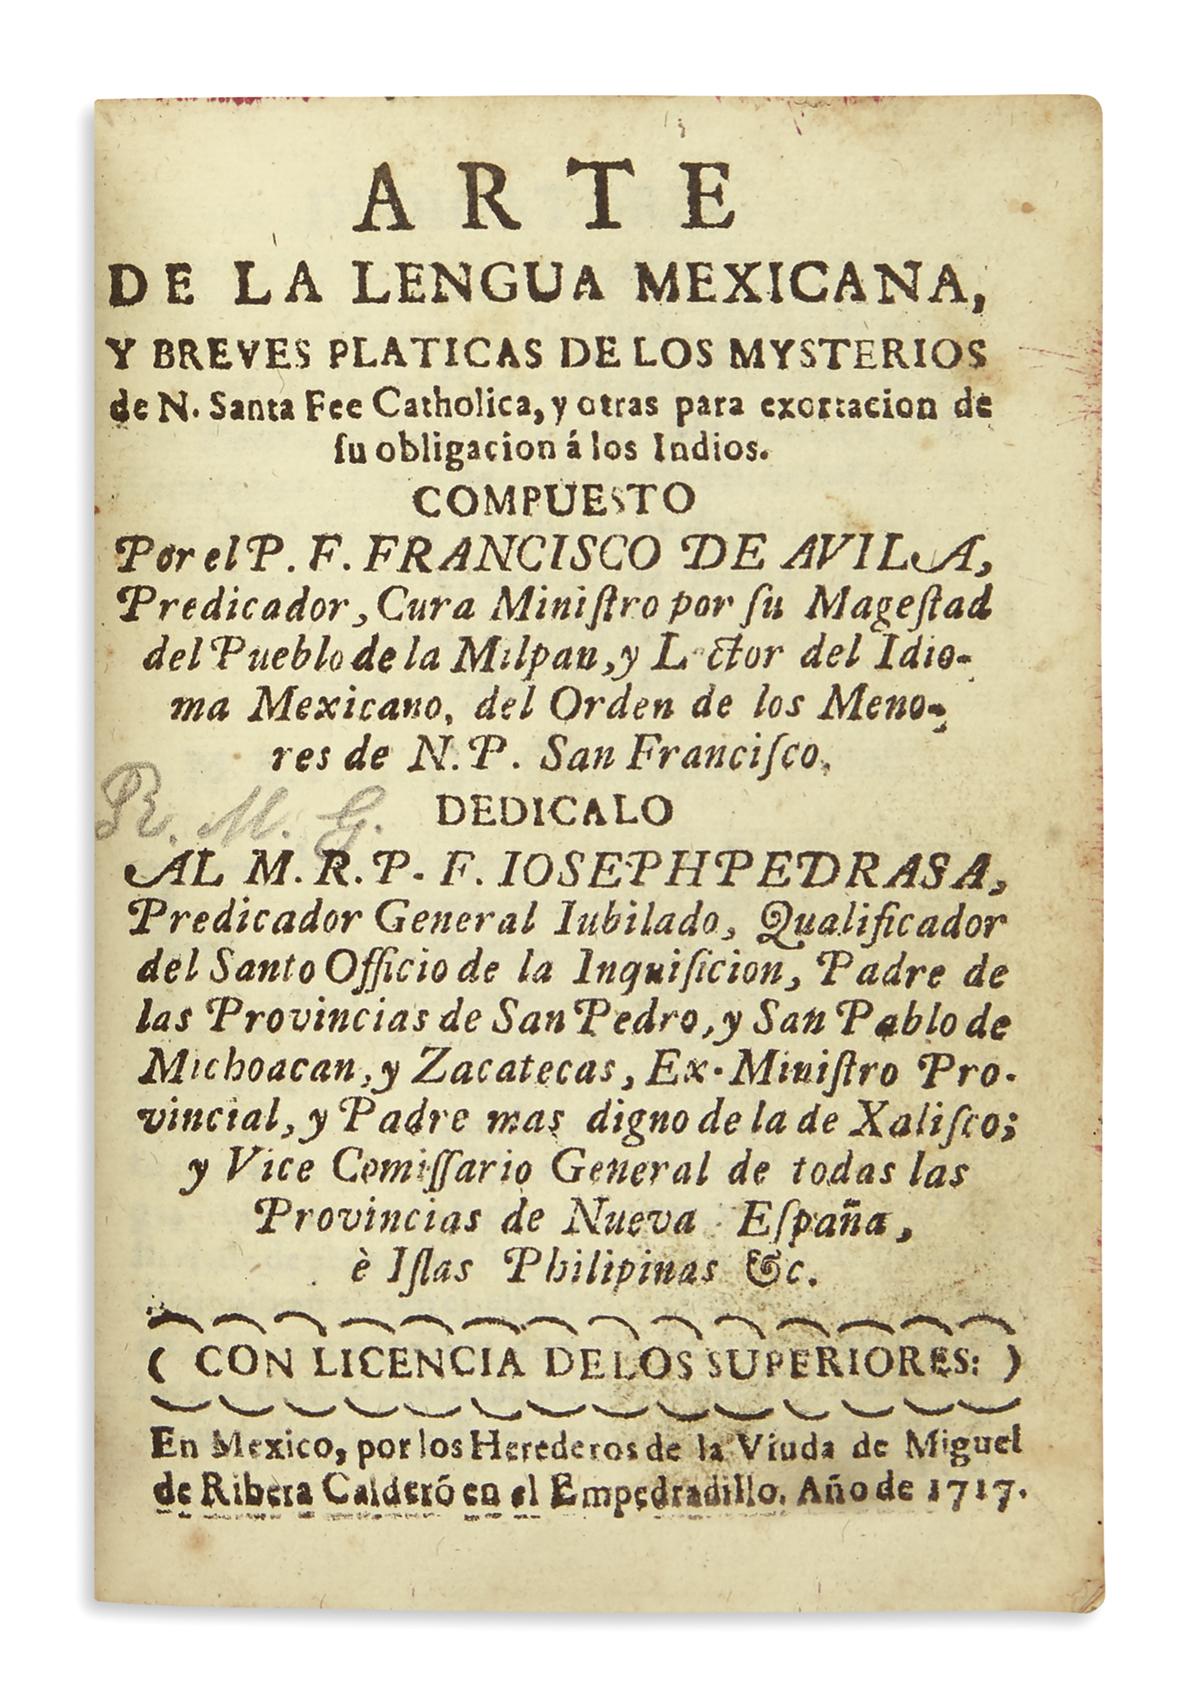 (MEXICAN IMPRINT--1717.) Avila, Francisco de. Arte de la lengua mexicana, y breves platicas . . . de su obligacion á los Indios.